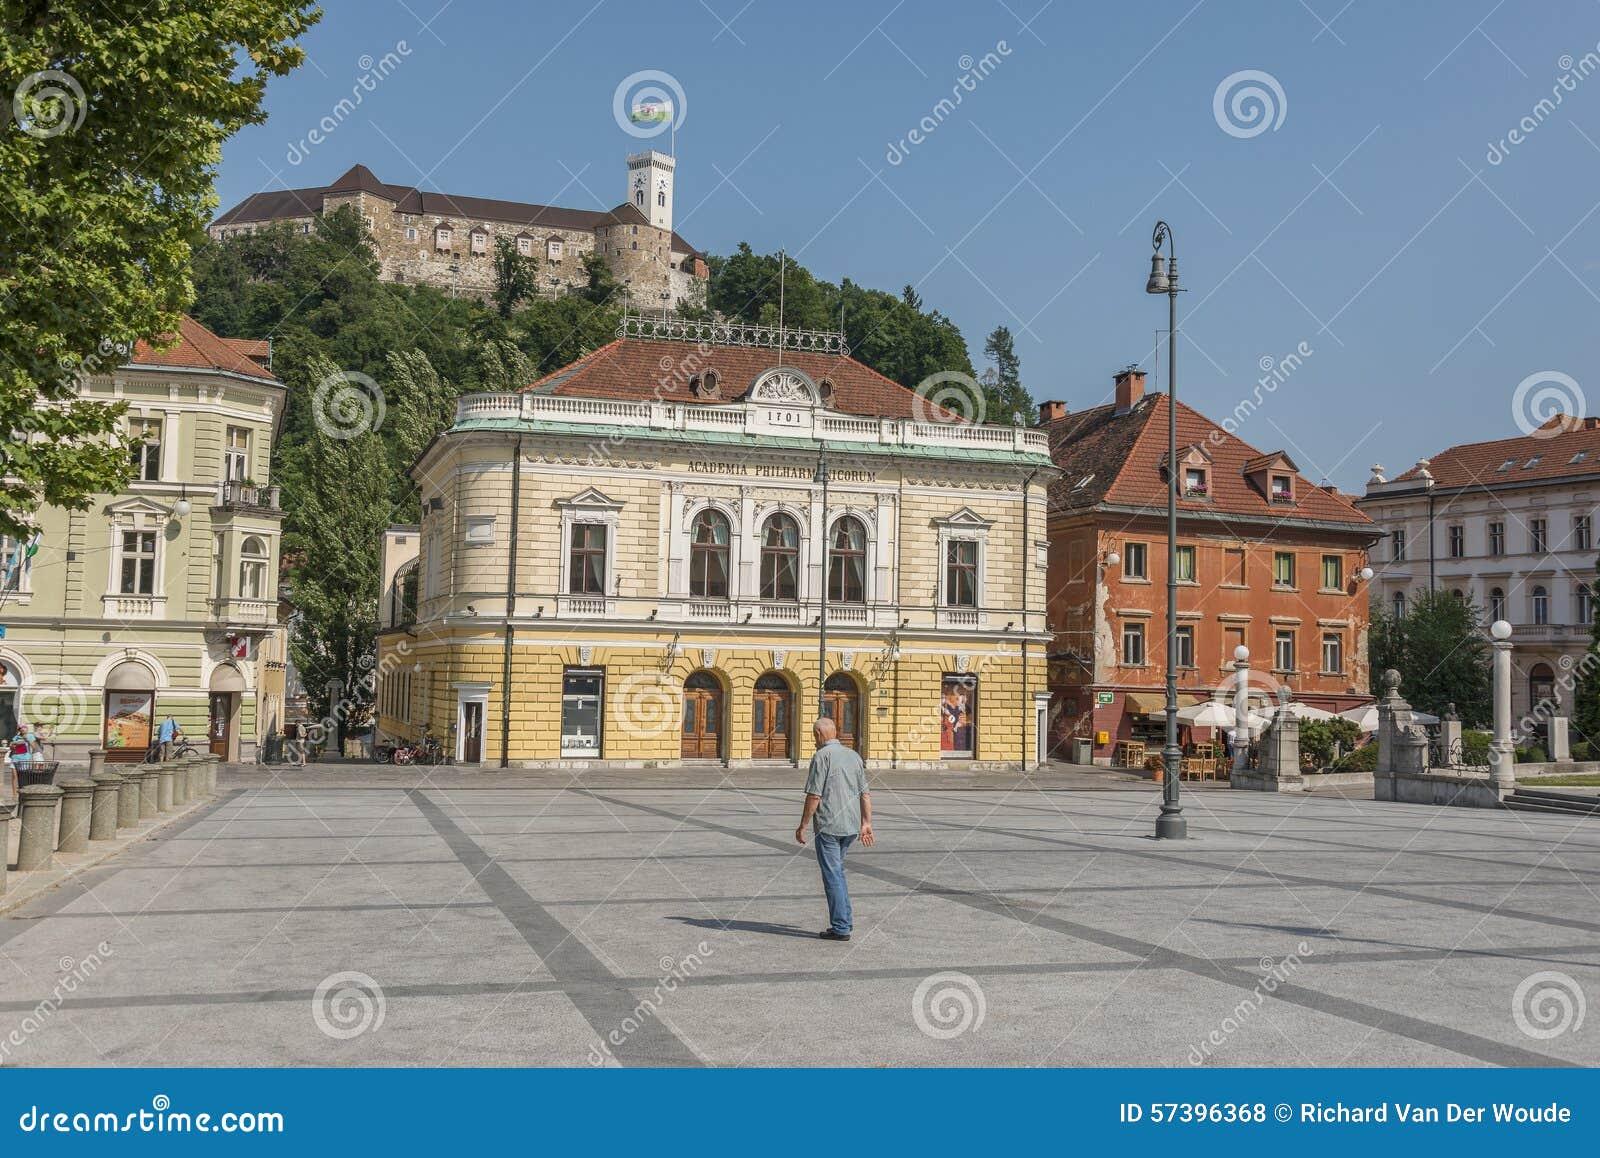 Het Kasteel van Ljubljana en Congresvierkant in Ljubljana, Slovenië